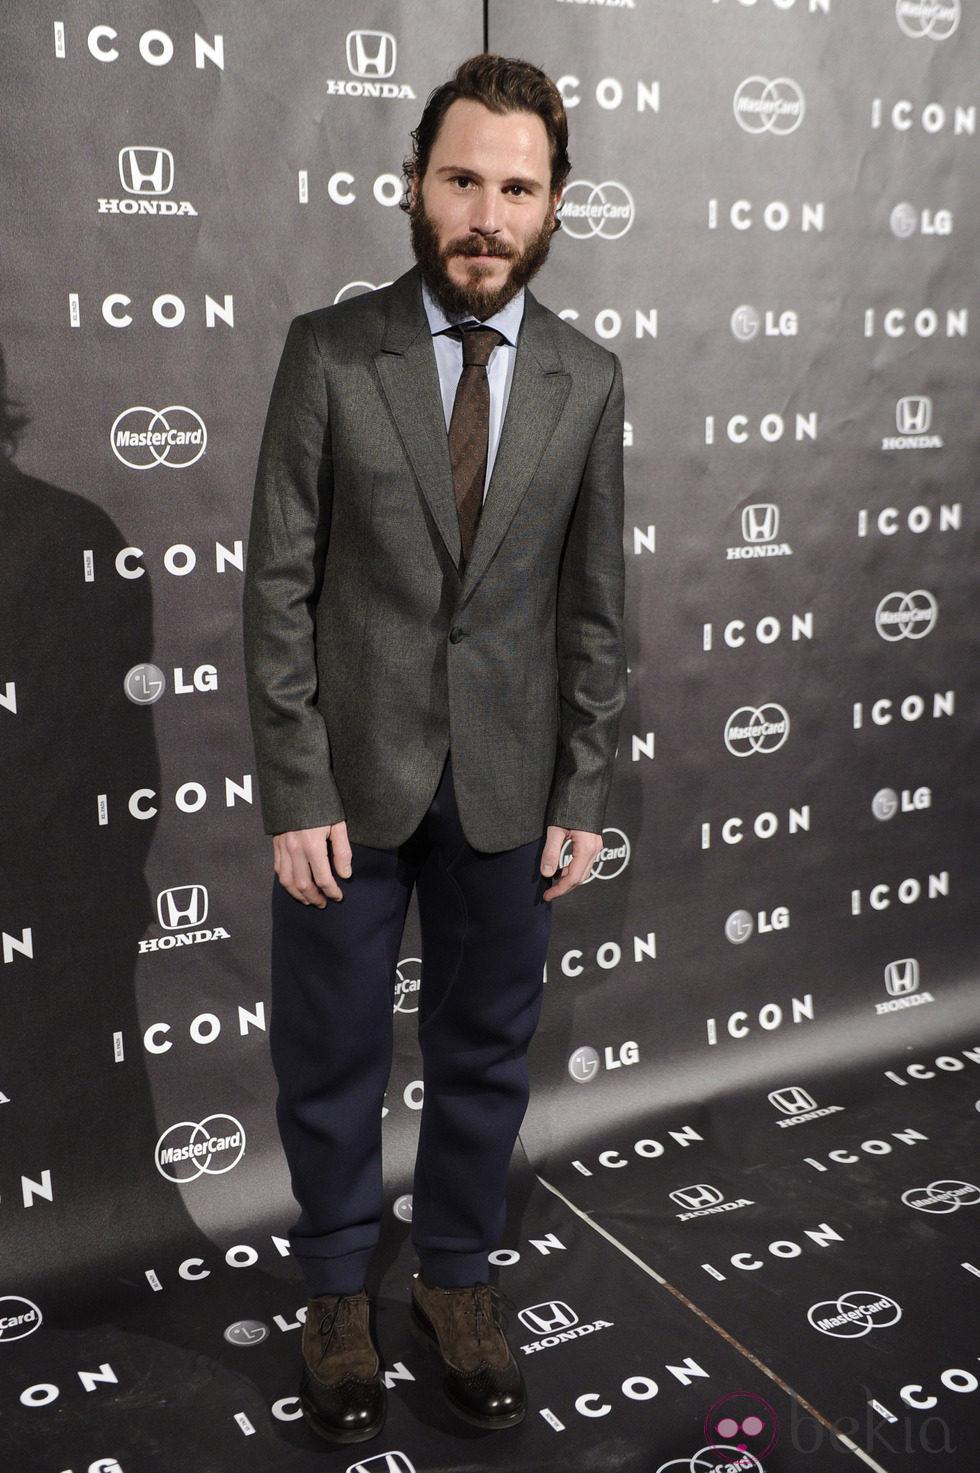 Rubén Ochandiano en la presentación de la revista Icon